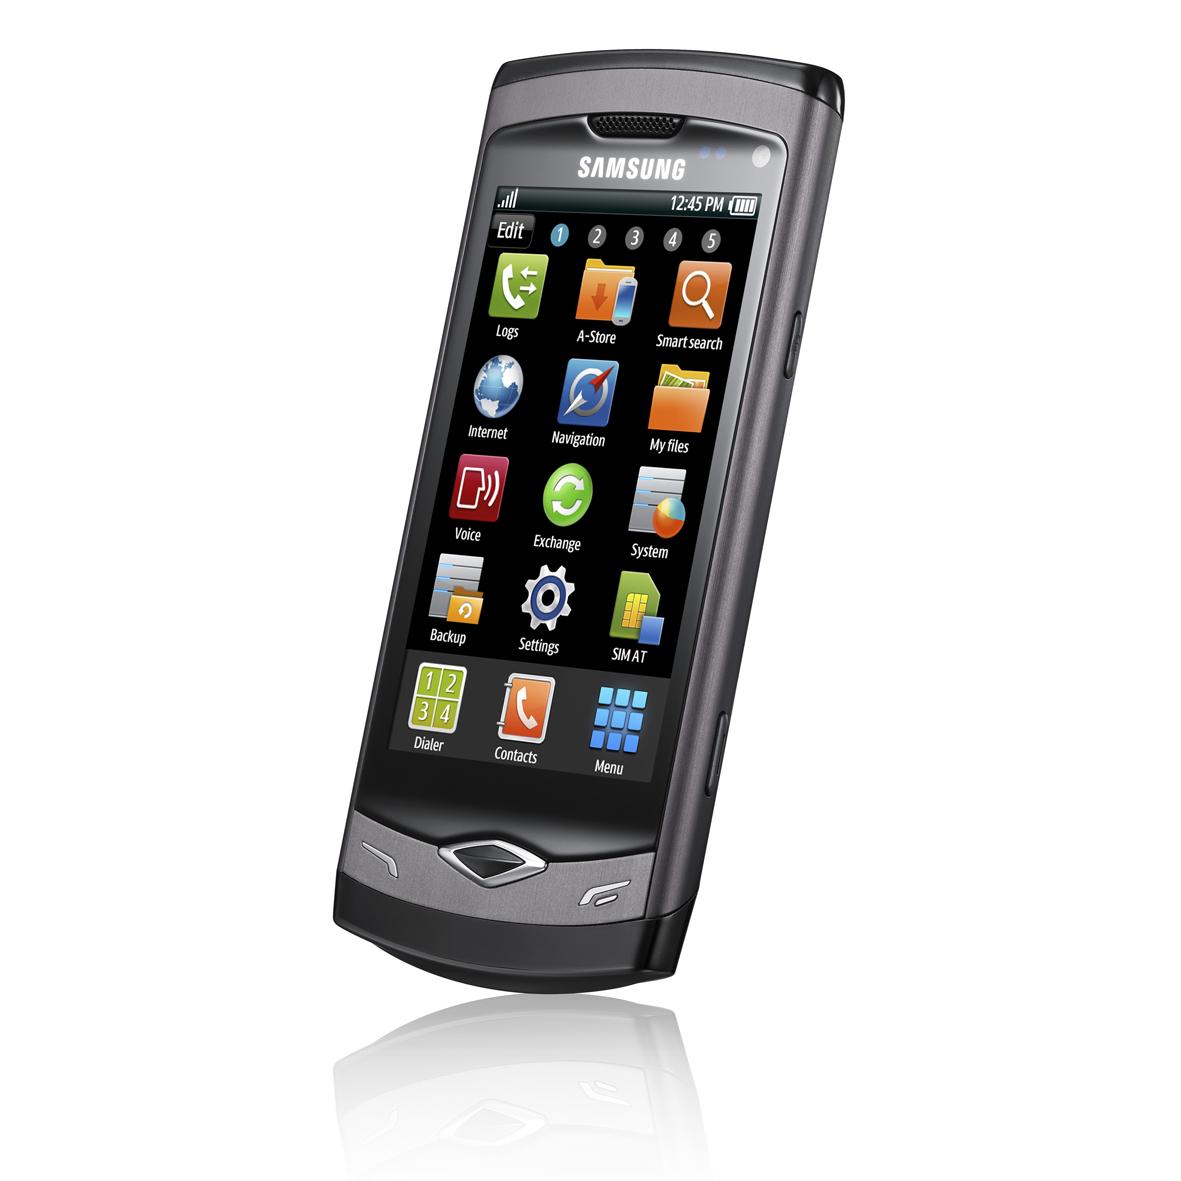 Celular da Samsung tem tela AMOLED capacitiva e Bluetooth 3.0